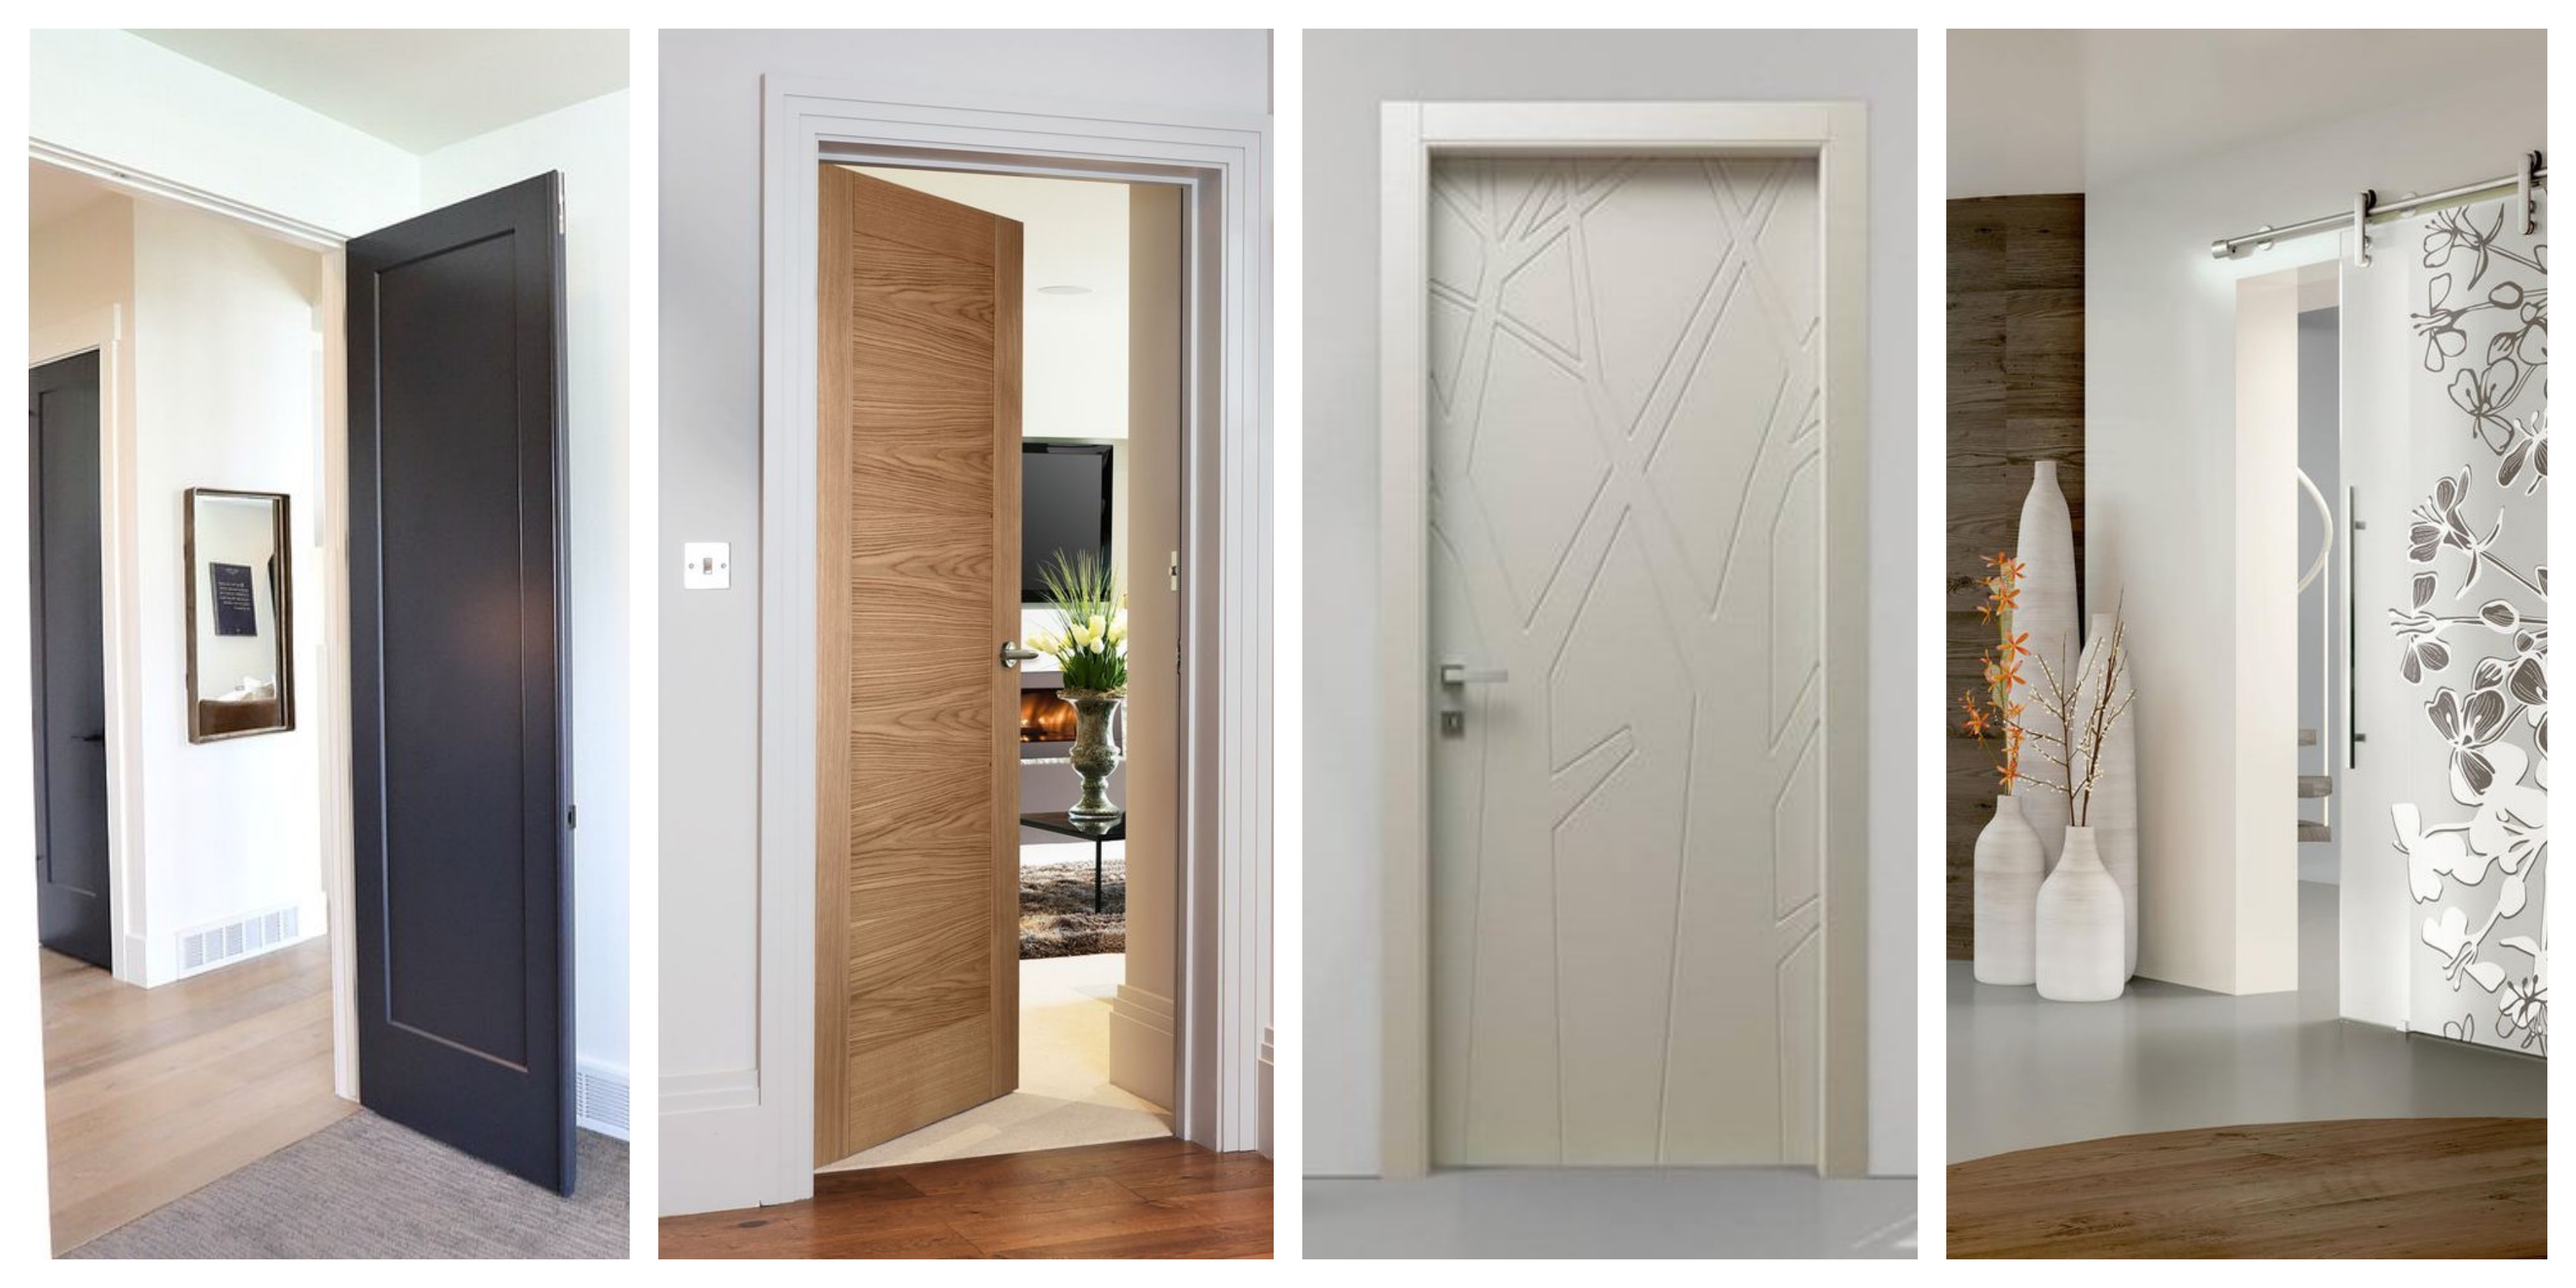 Originální interiérové dveře - fotogalerie, inspirace